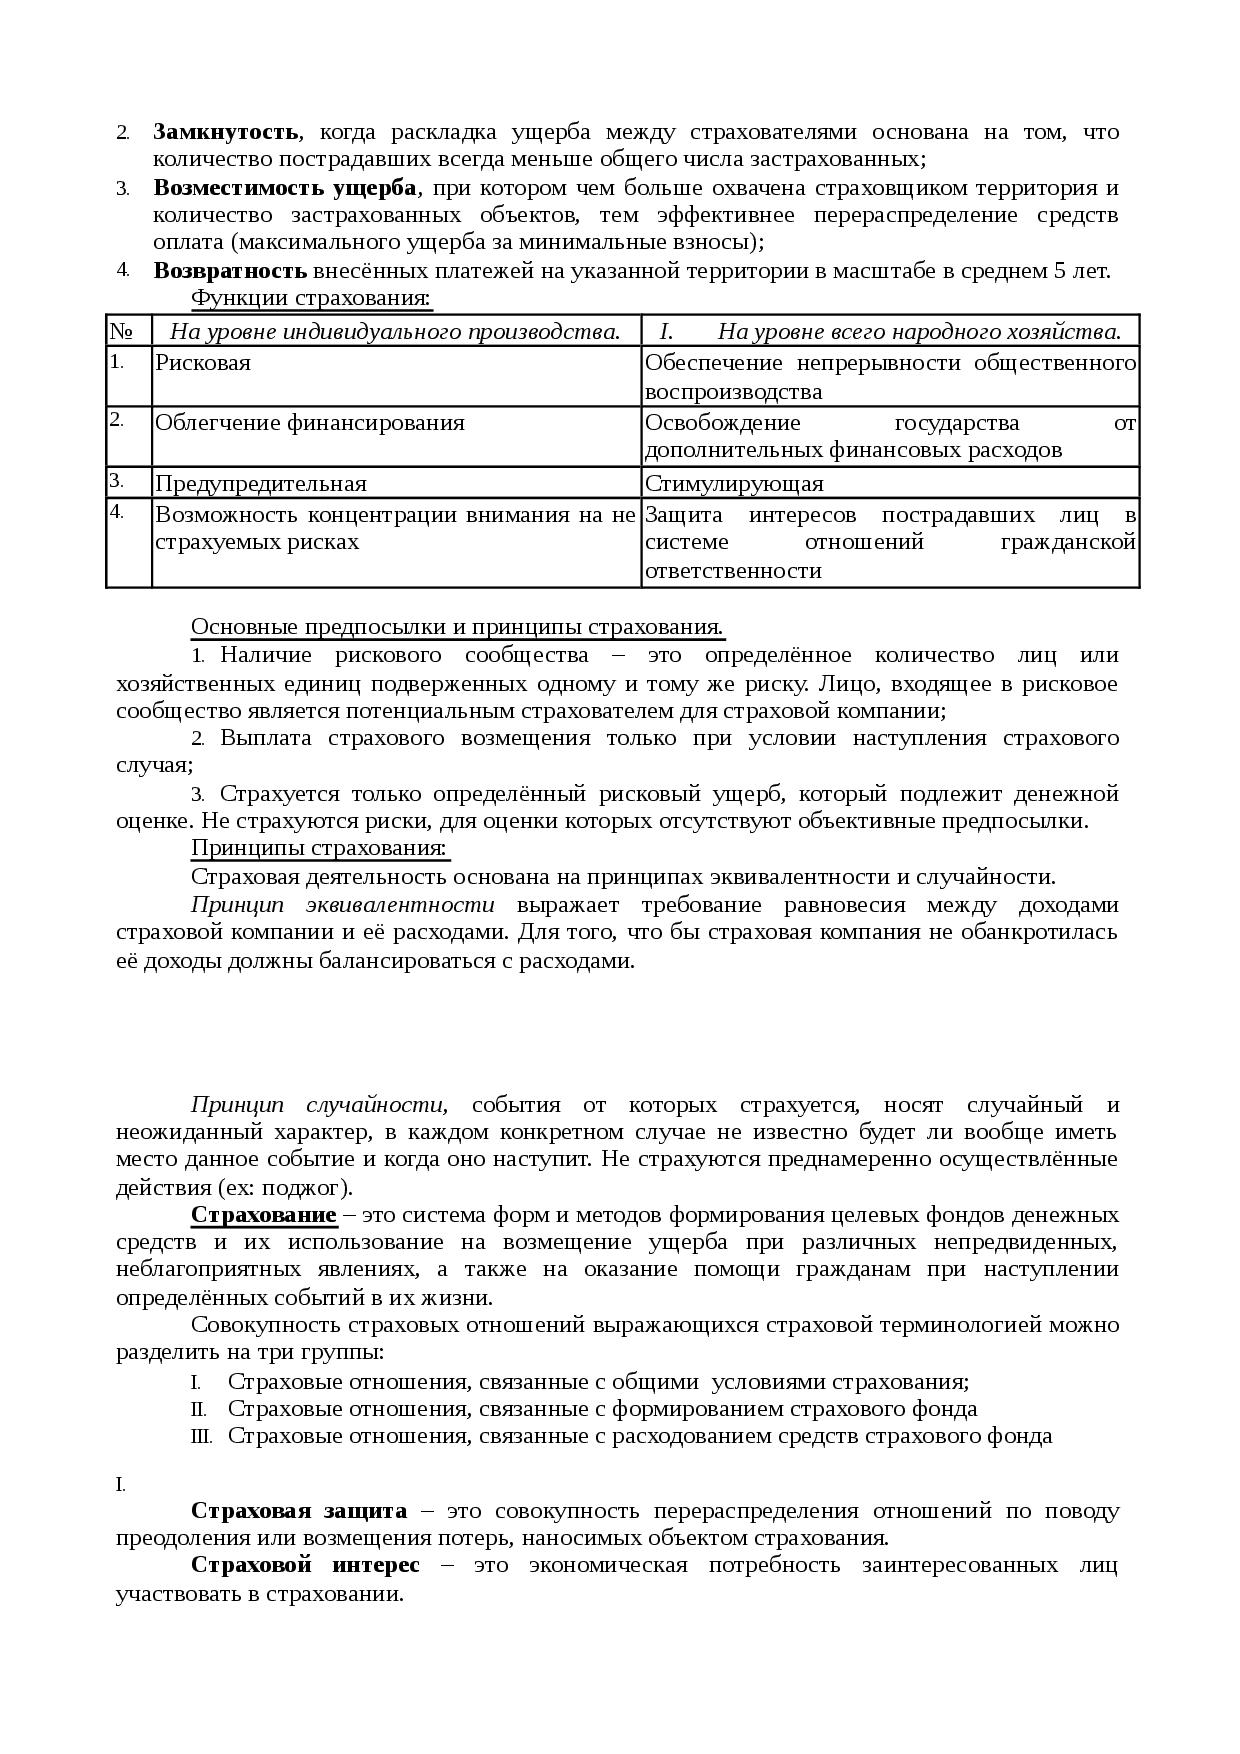 «ингосстрах» - страховой случай по осаго и каско: заявление о выплате, список документов и телефон горячей линии